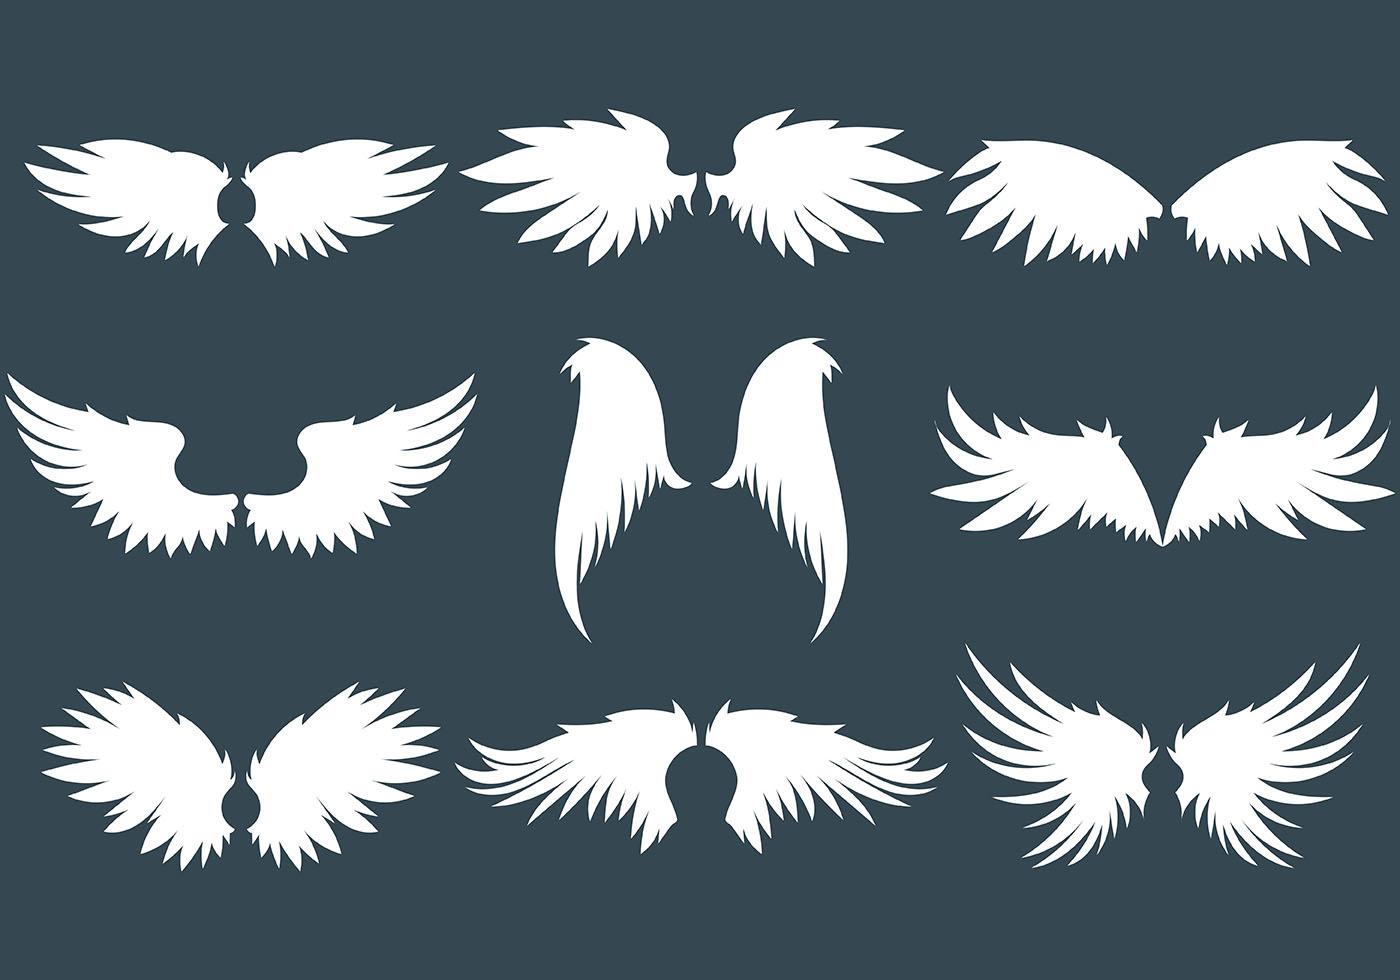 Картинки из символов крылья